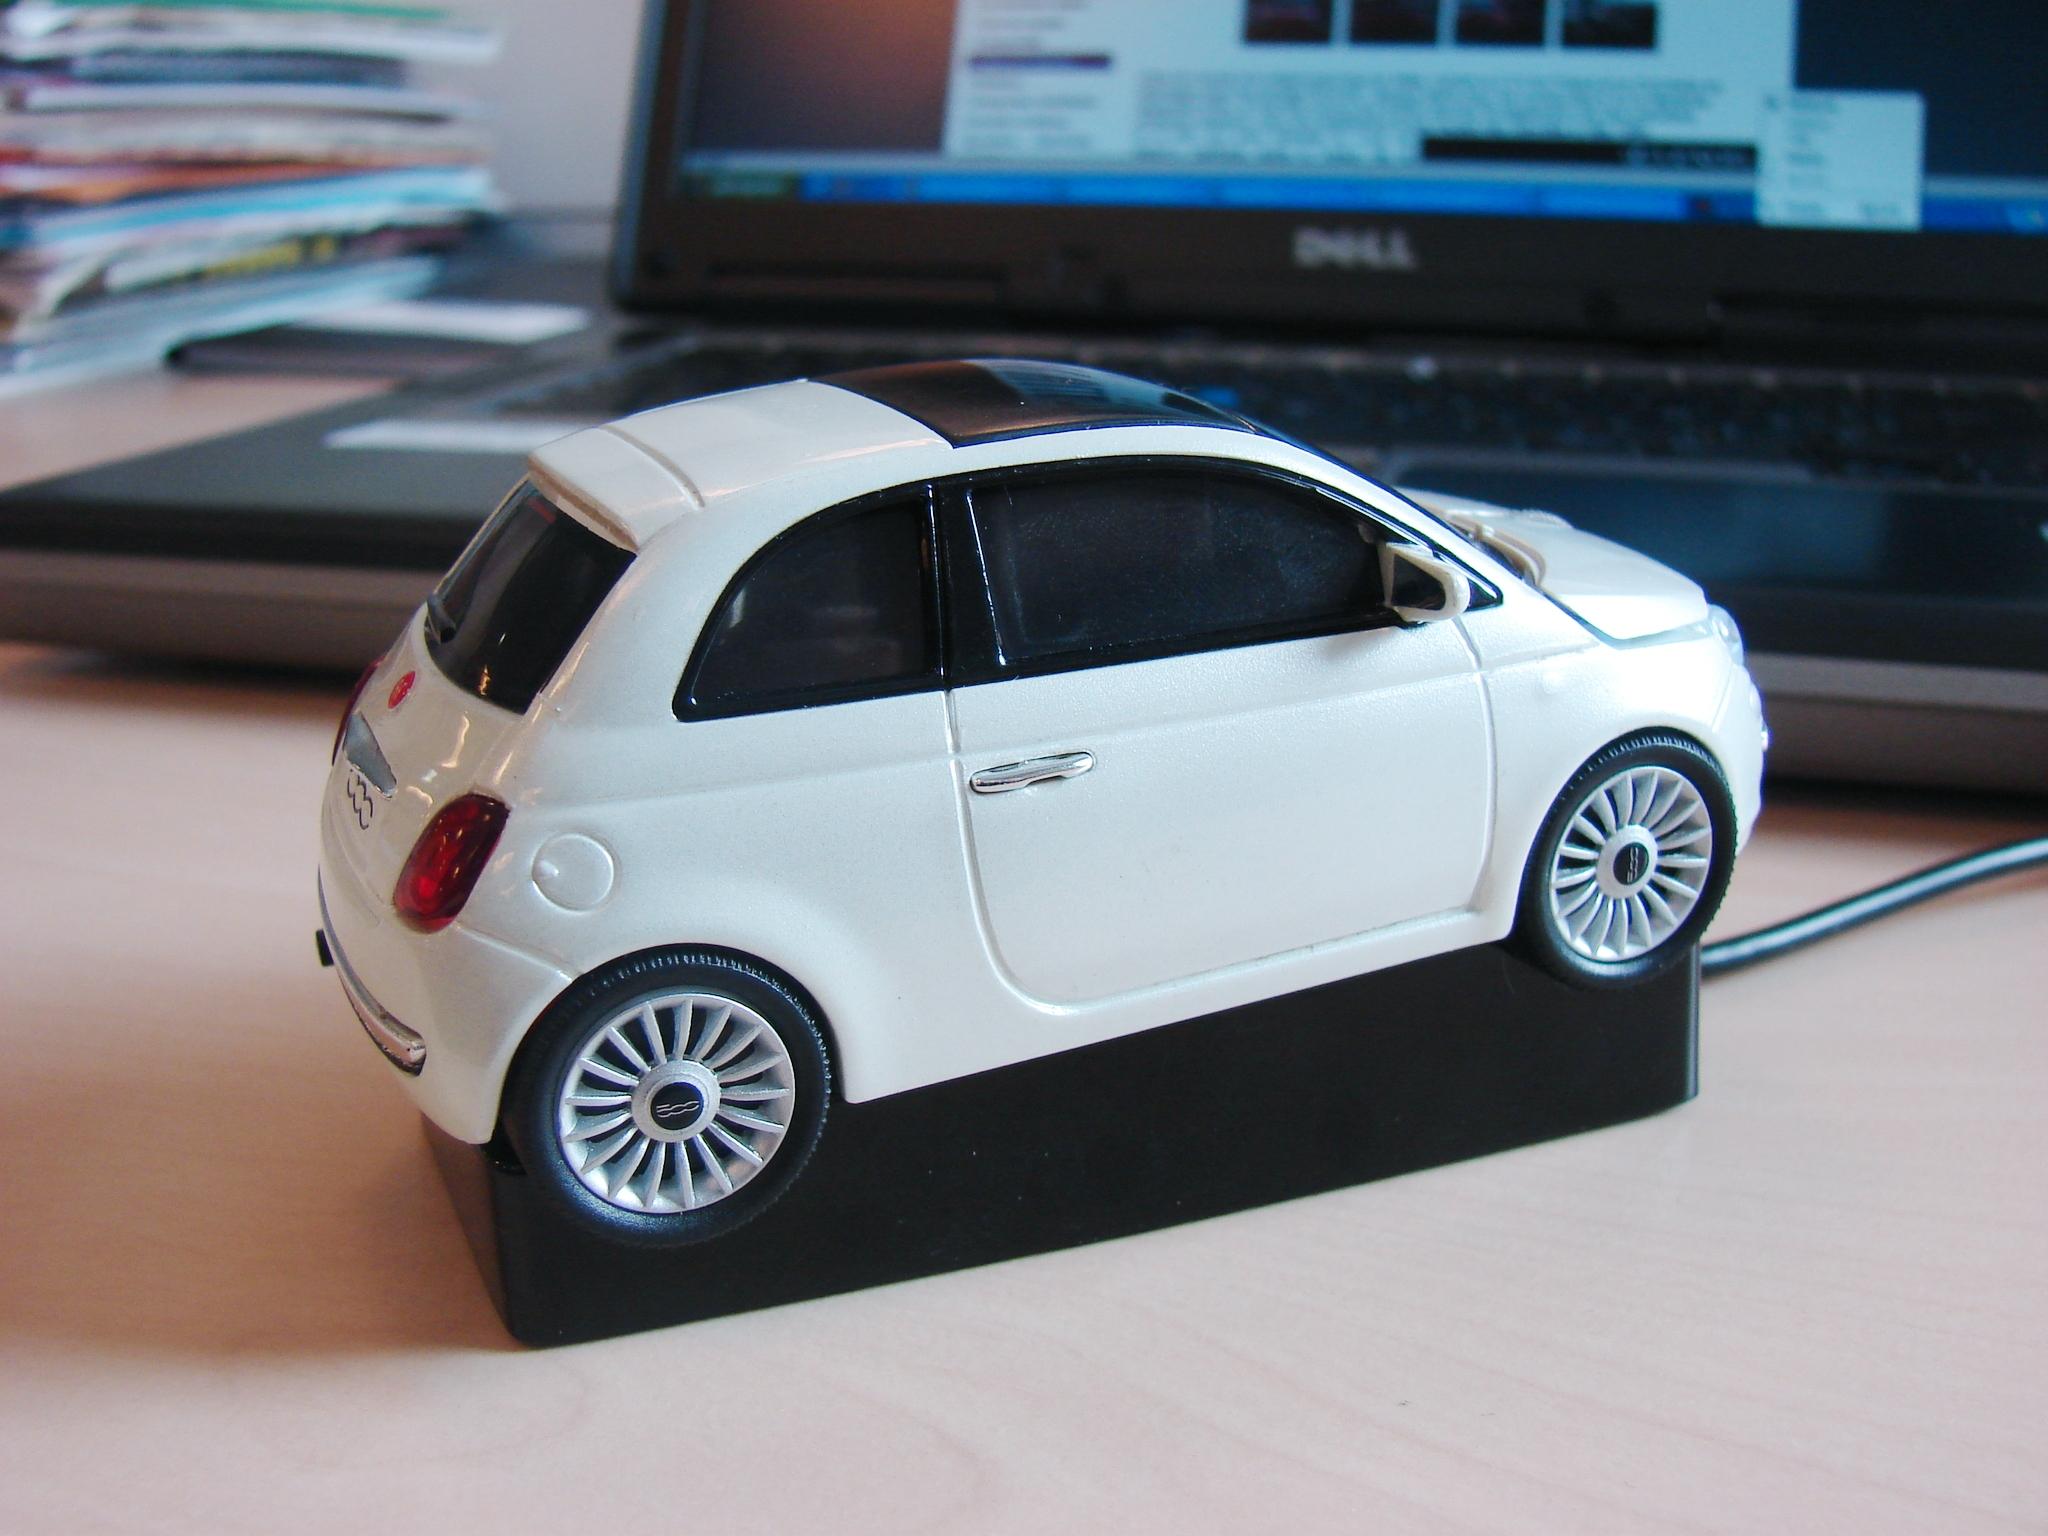 La Souris Fiat 500 Informatique Et Automobile R 233 Concili 233 S